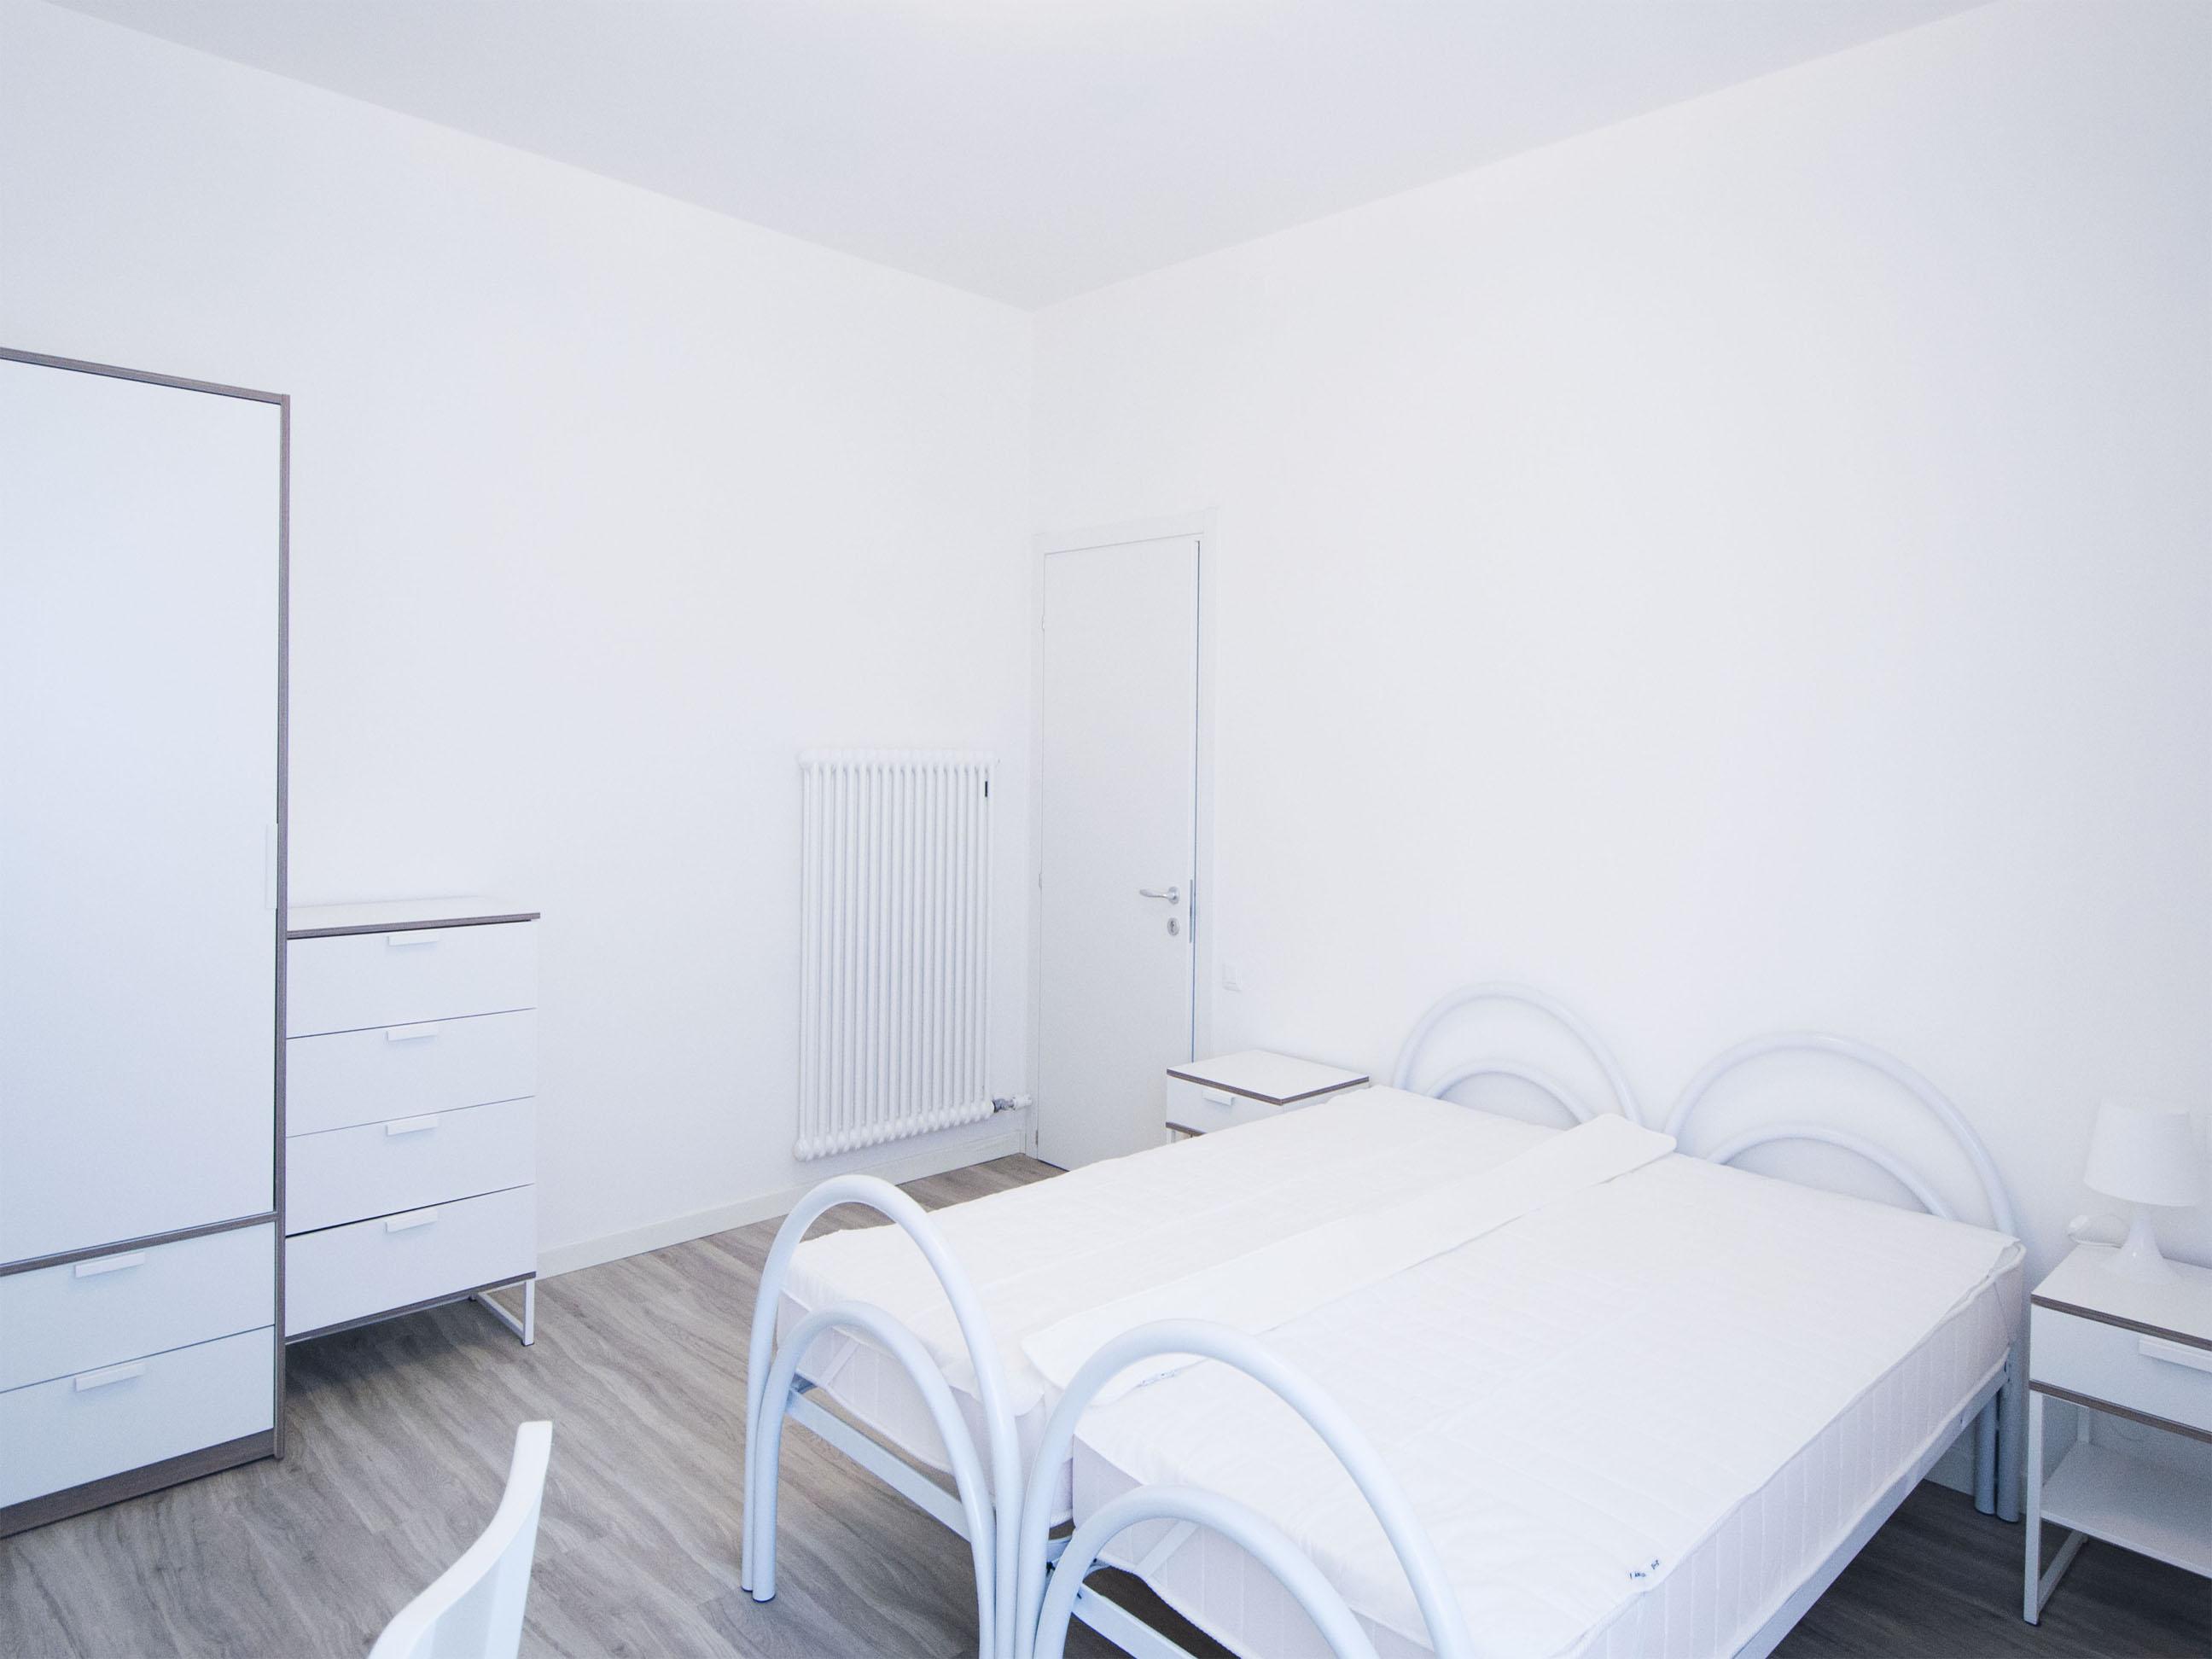 Treviso - Camere in Affitto - San Zeno - Studio Architettura Zanatta 11